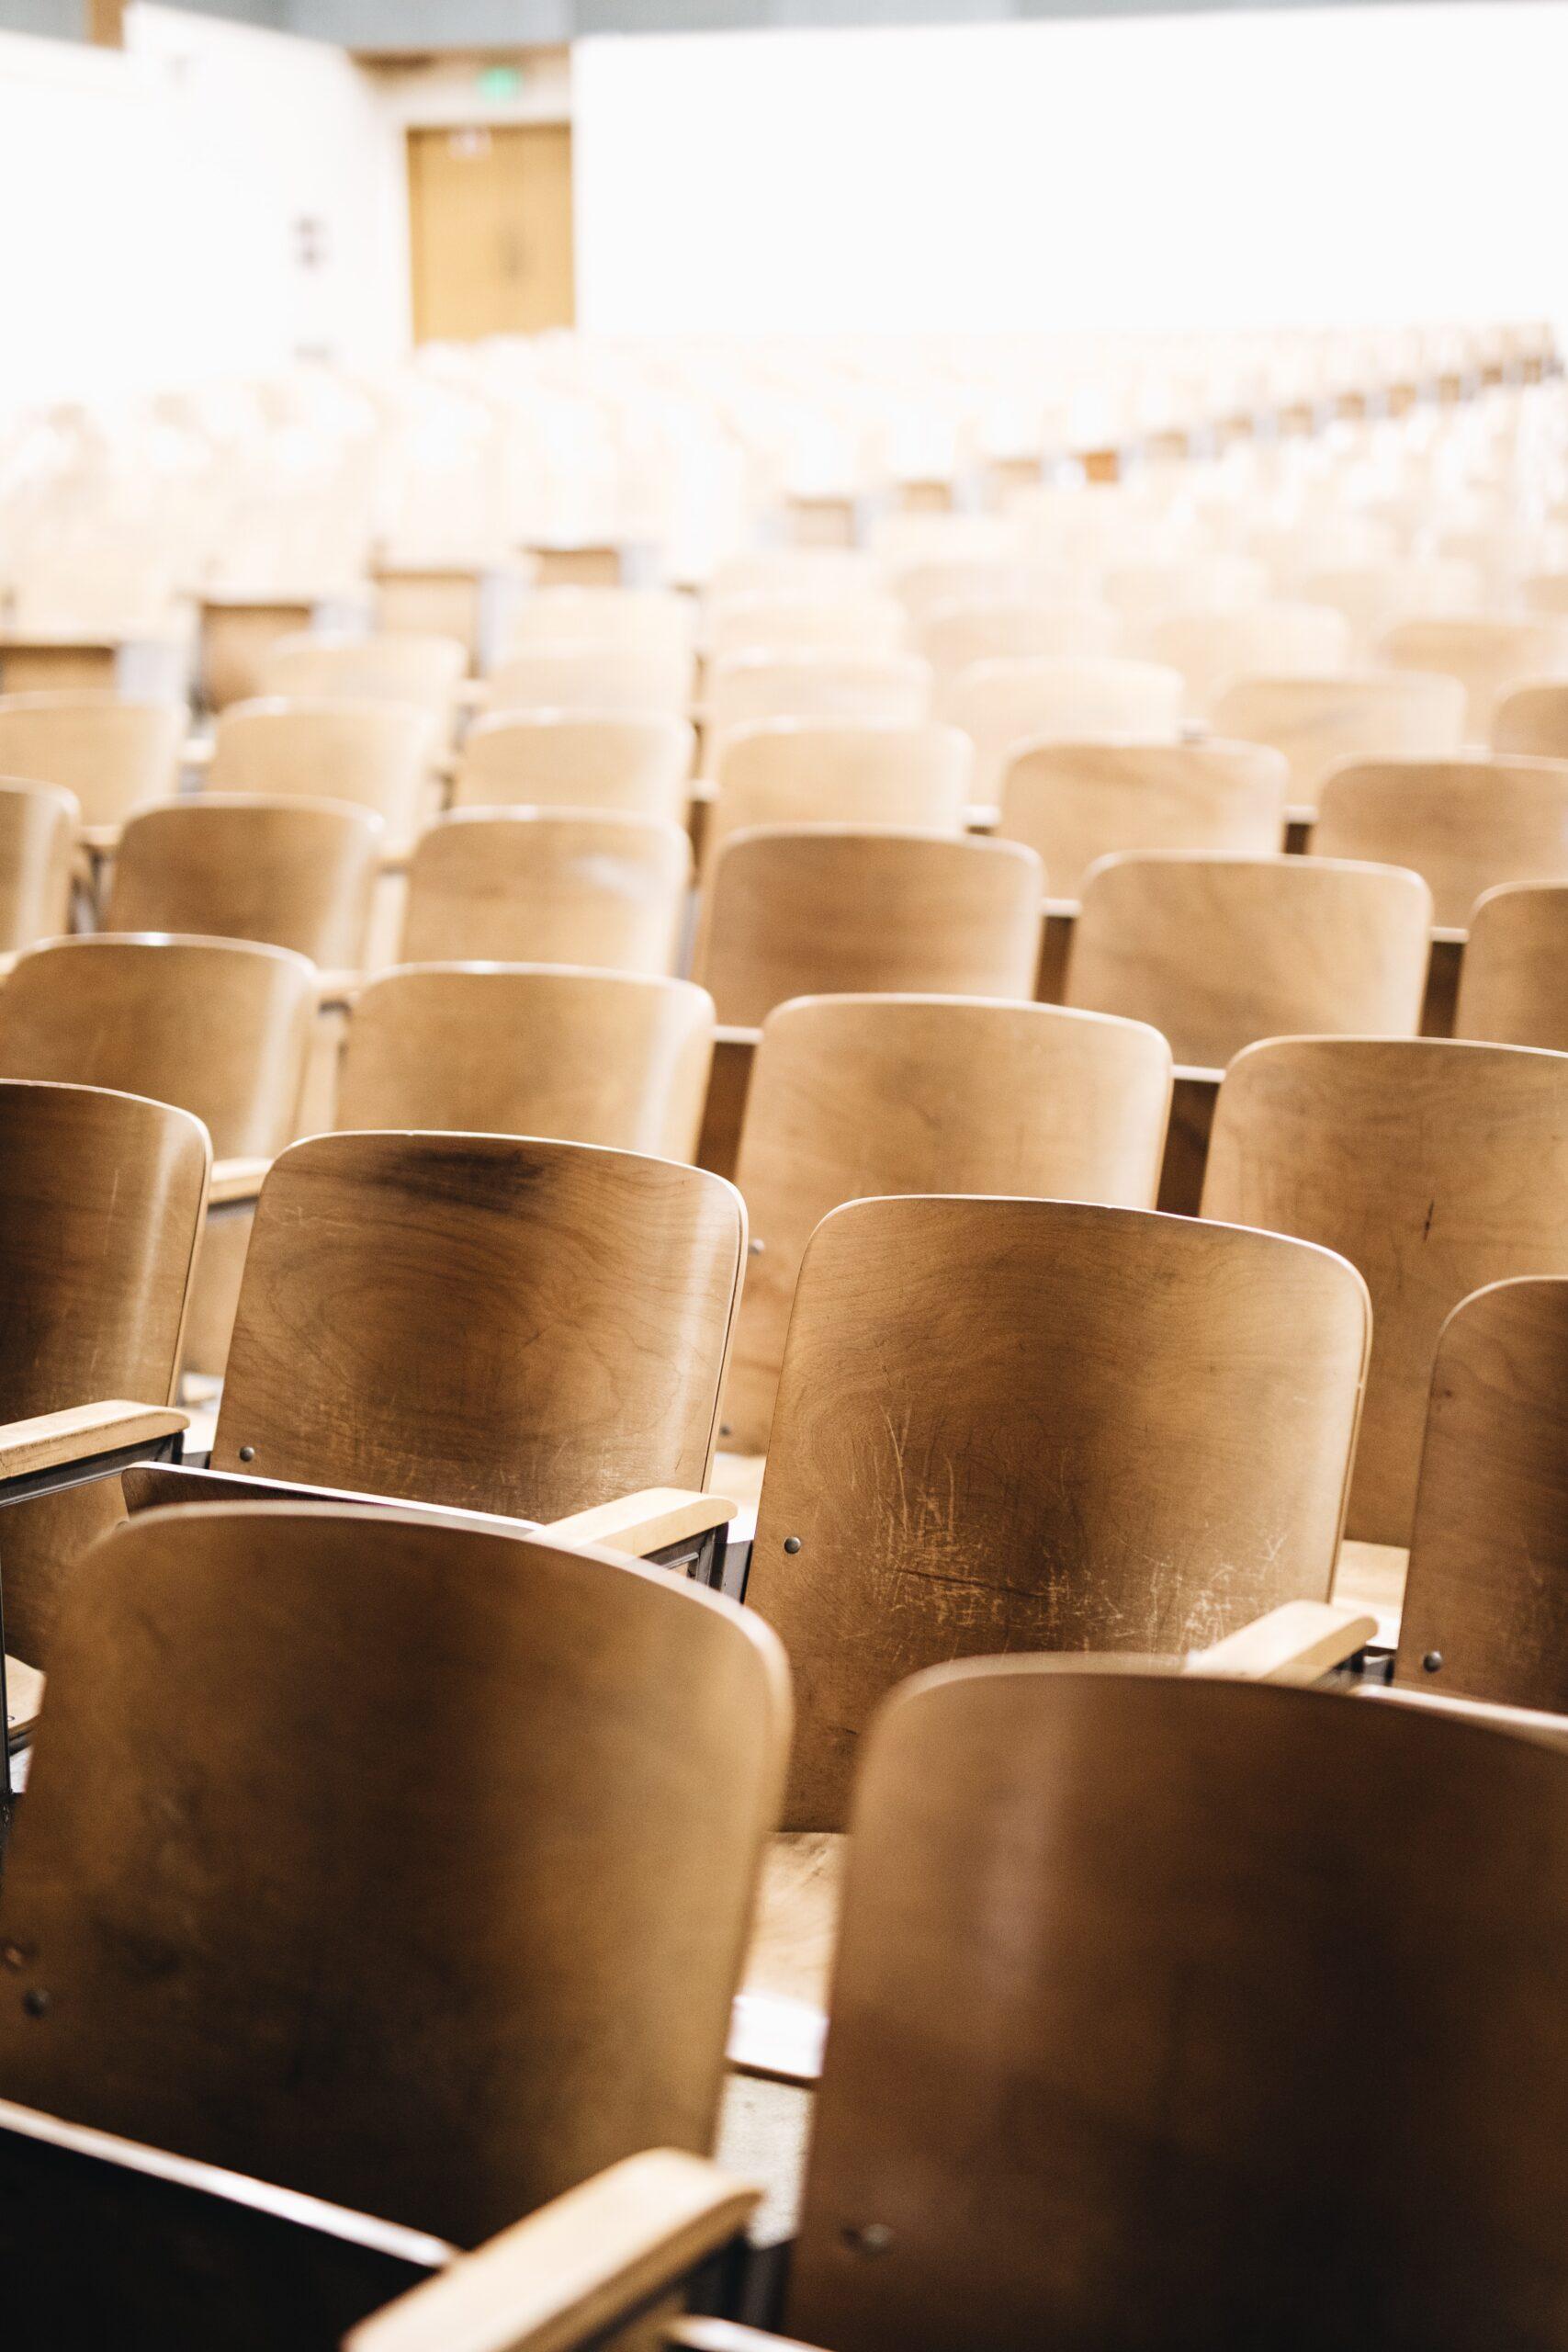 Comment les étudiants de niveau postsecondaire vivront-ils la prochaine session ?